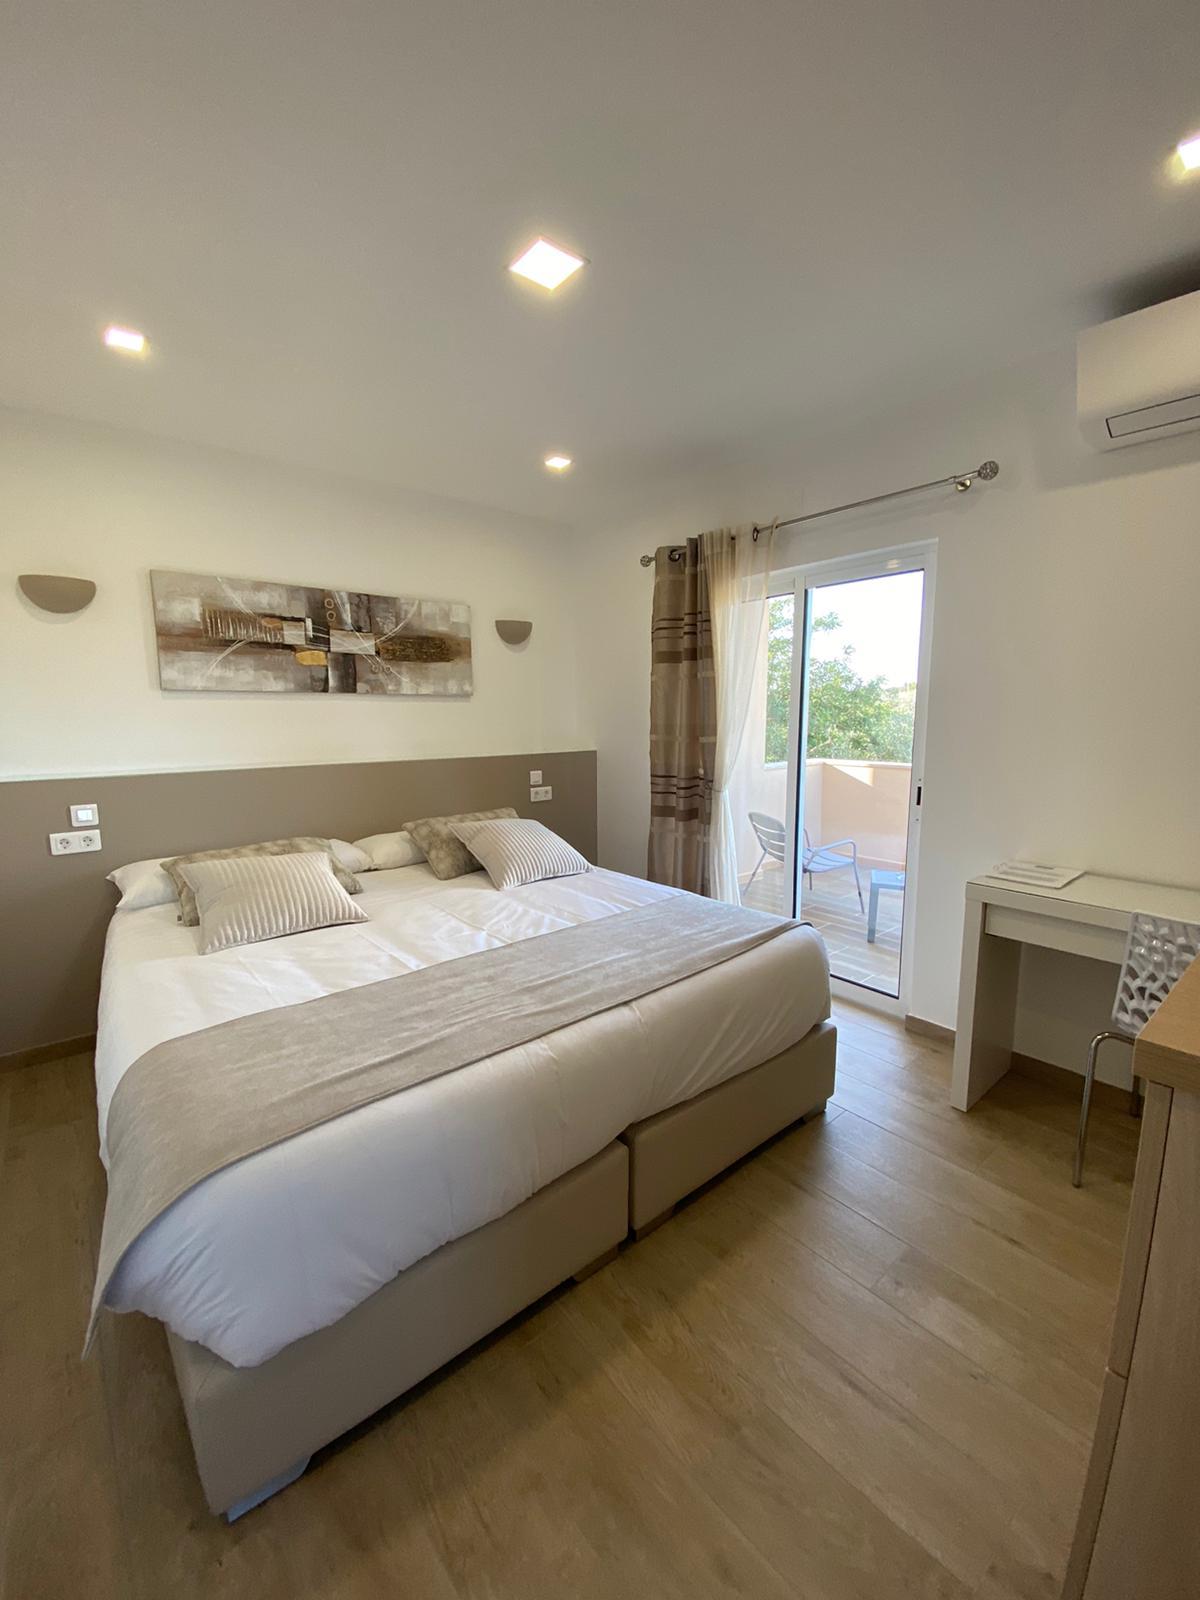 Location appartements et villas de vacance, Villa L'Estaque , chambres d'hôtes à Armação de Pêra, Portugal Algarve, REF_IMG_15648_15652